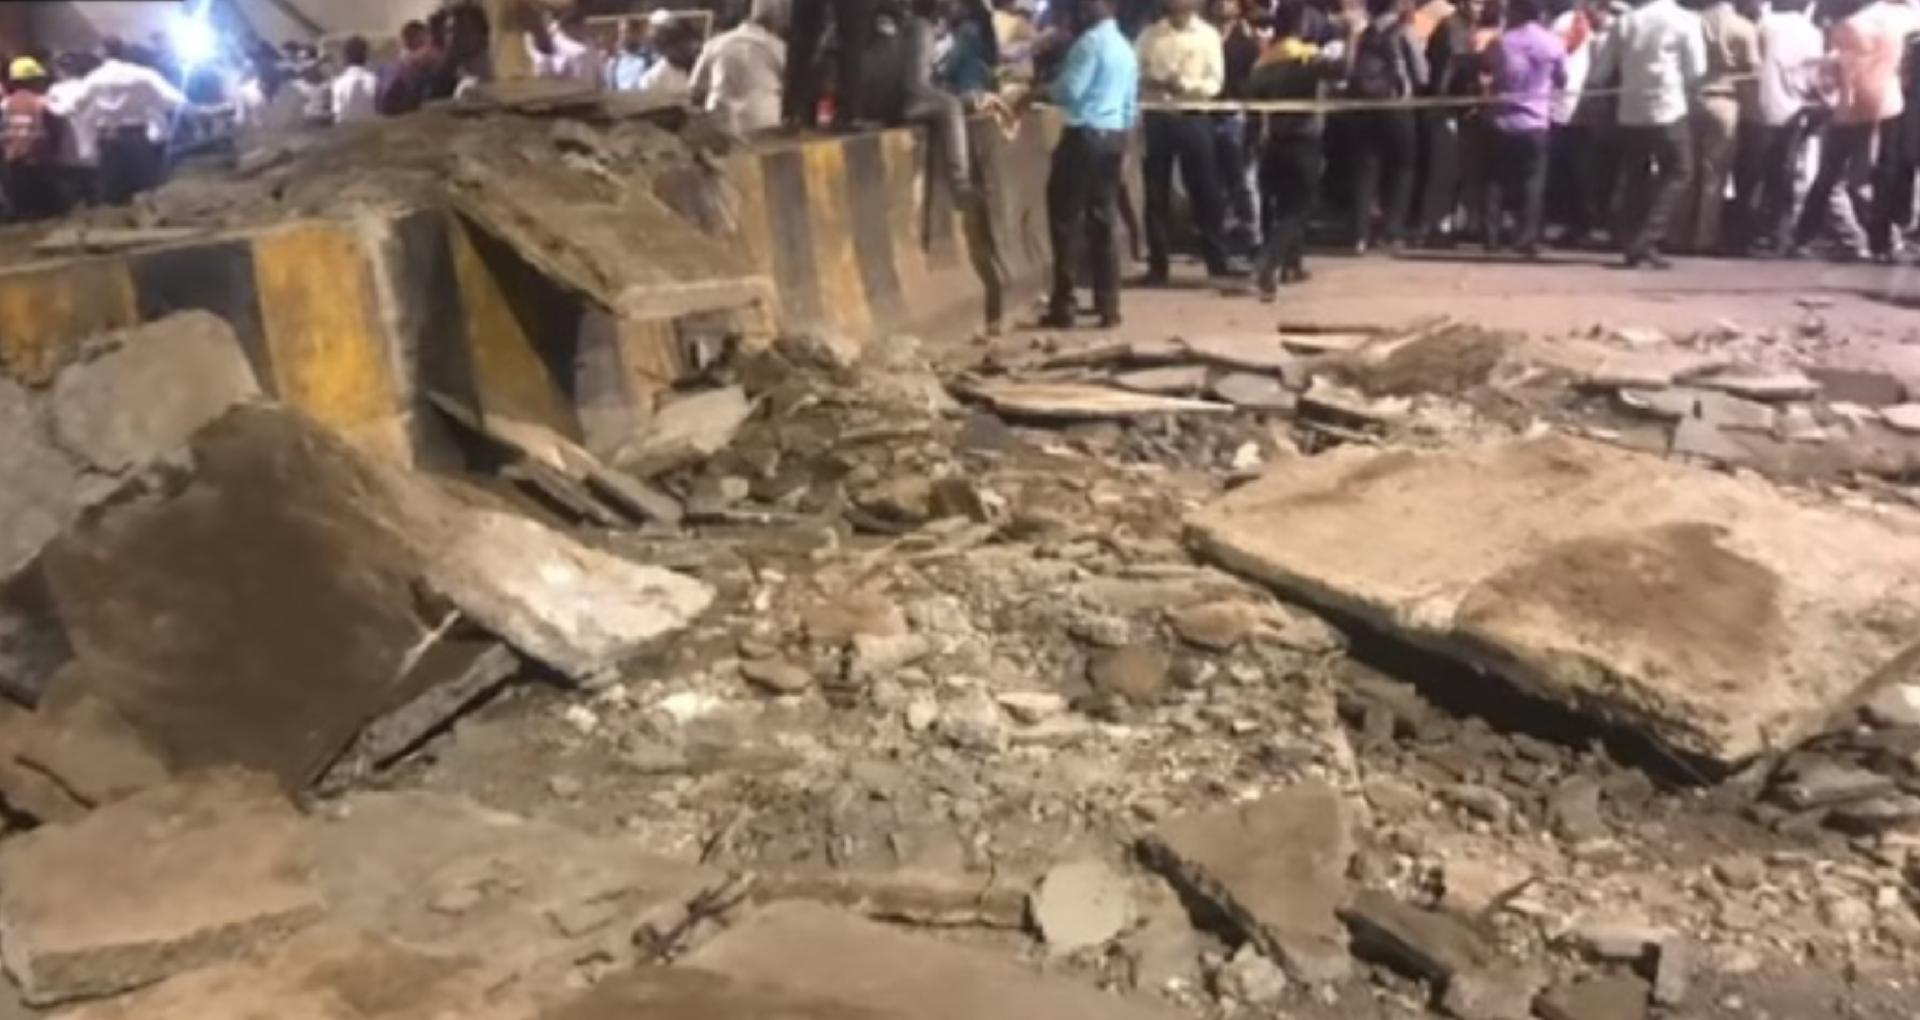 मुंबई में हुआ बड़ा हादसा, फुटओवर ब्रिज गिरने से हुई 5 लोगों की मौत, कई हुए घायल